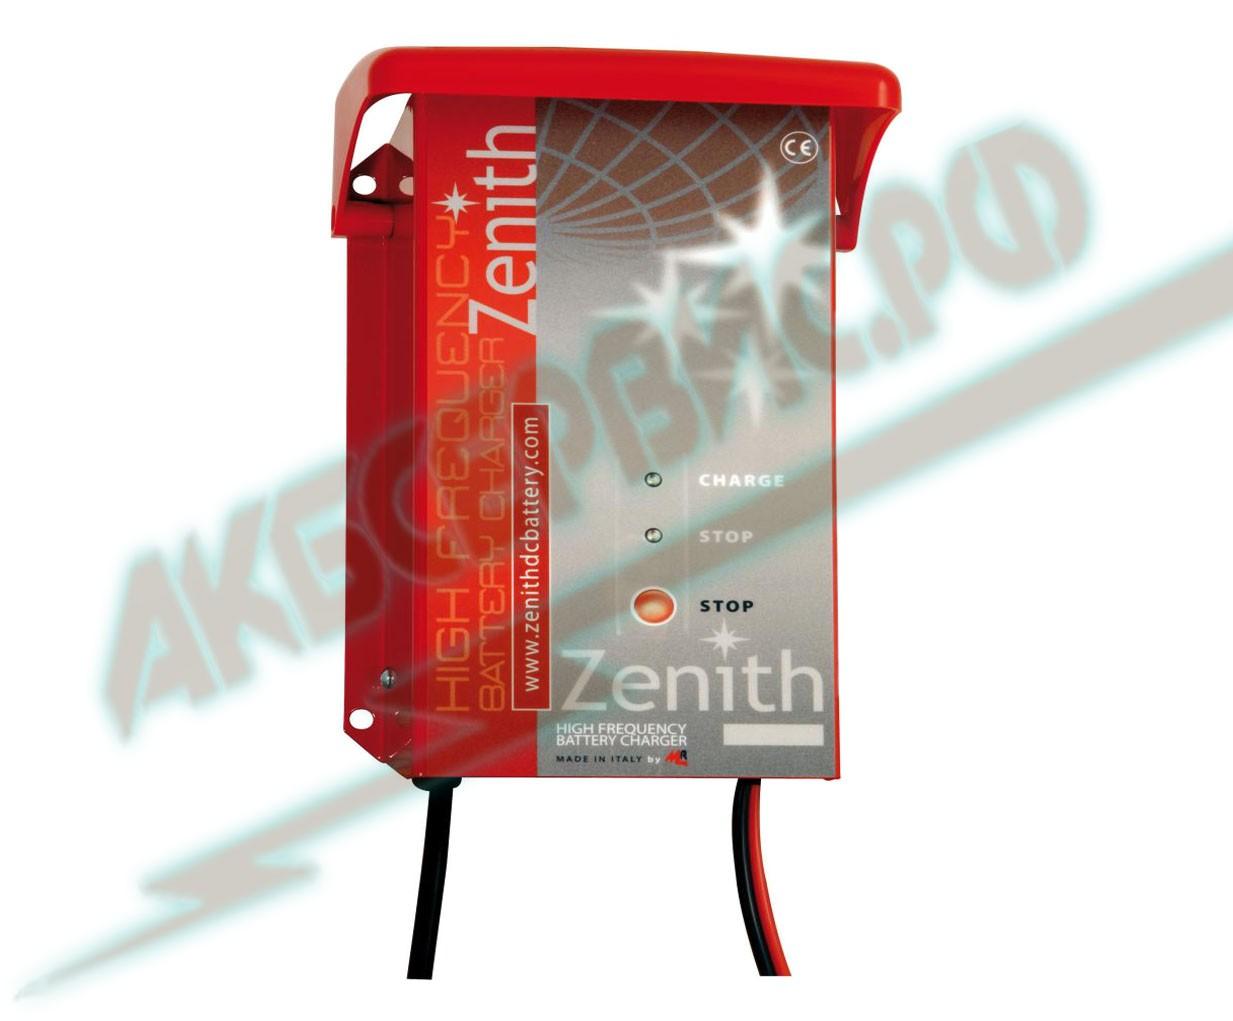 Акбсервис.РФ   Зарядное устройство - Zenith 1225